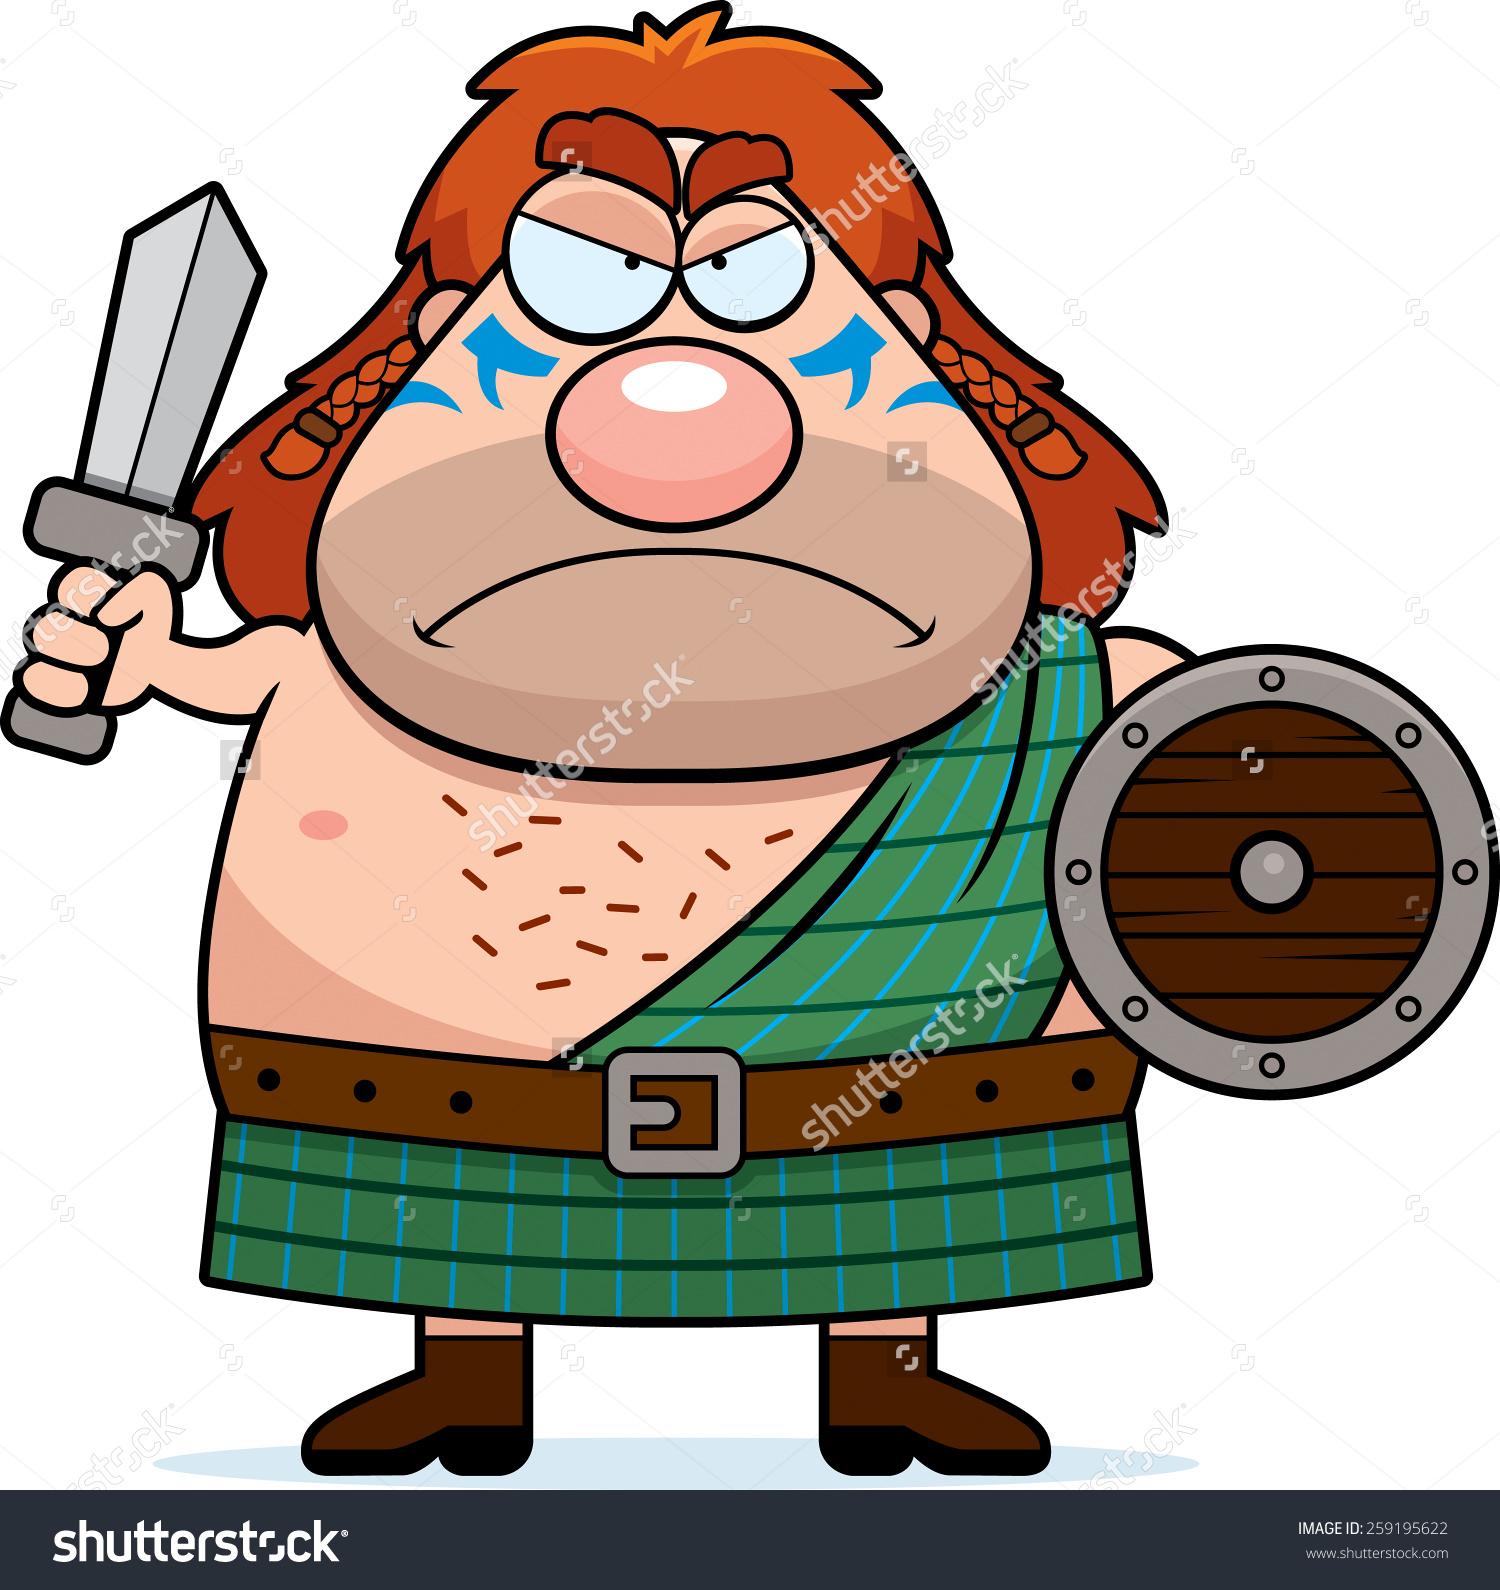 The celts clipart #19